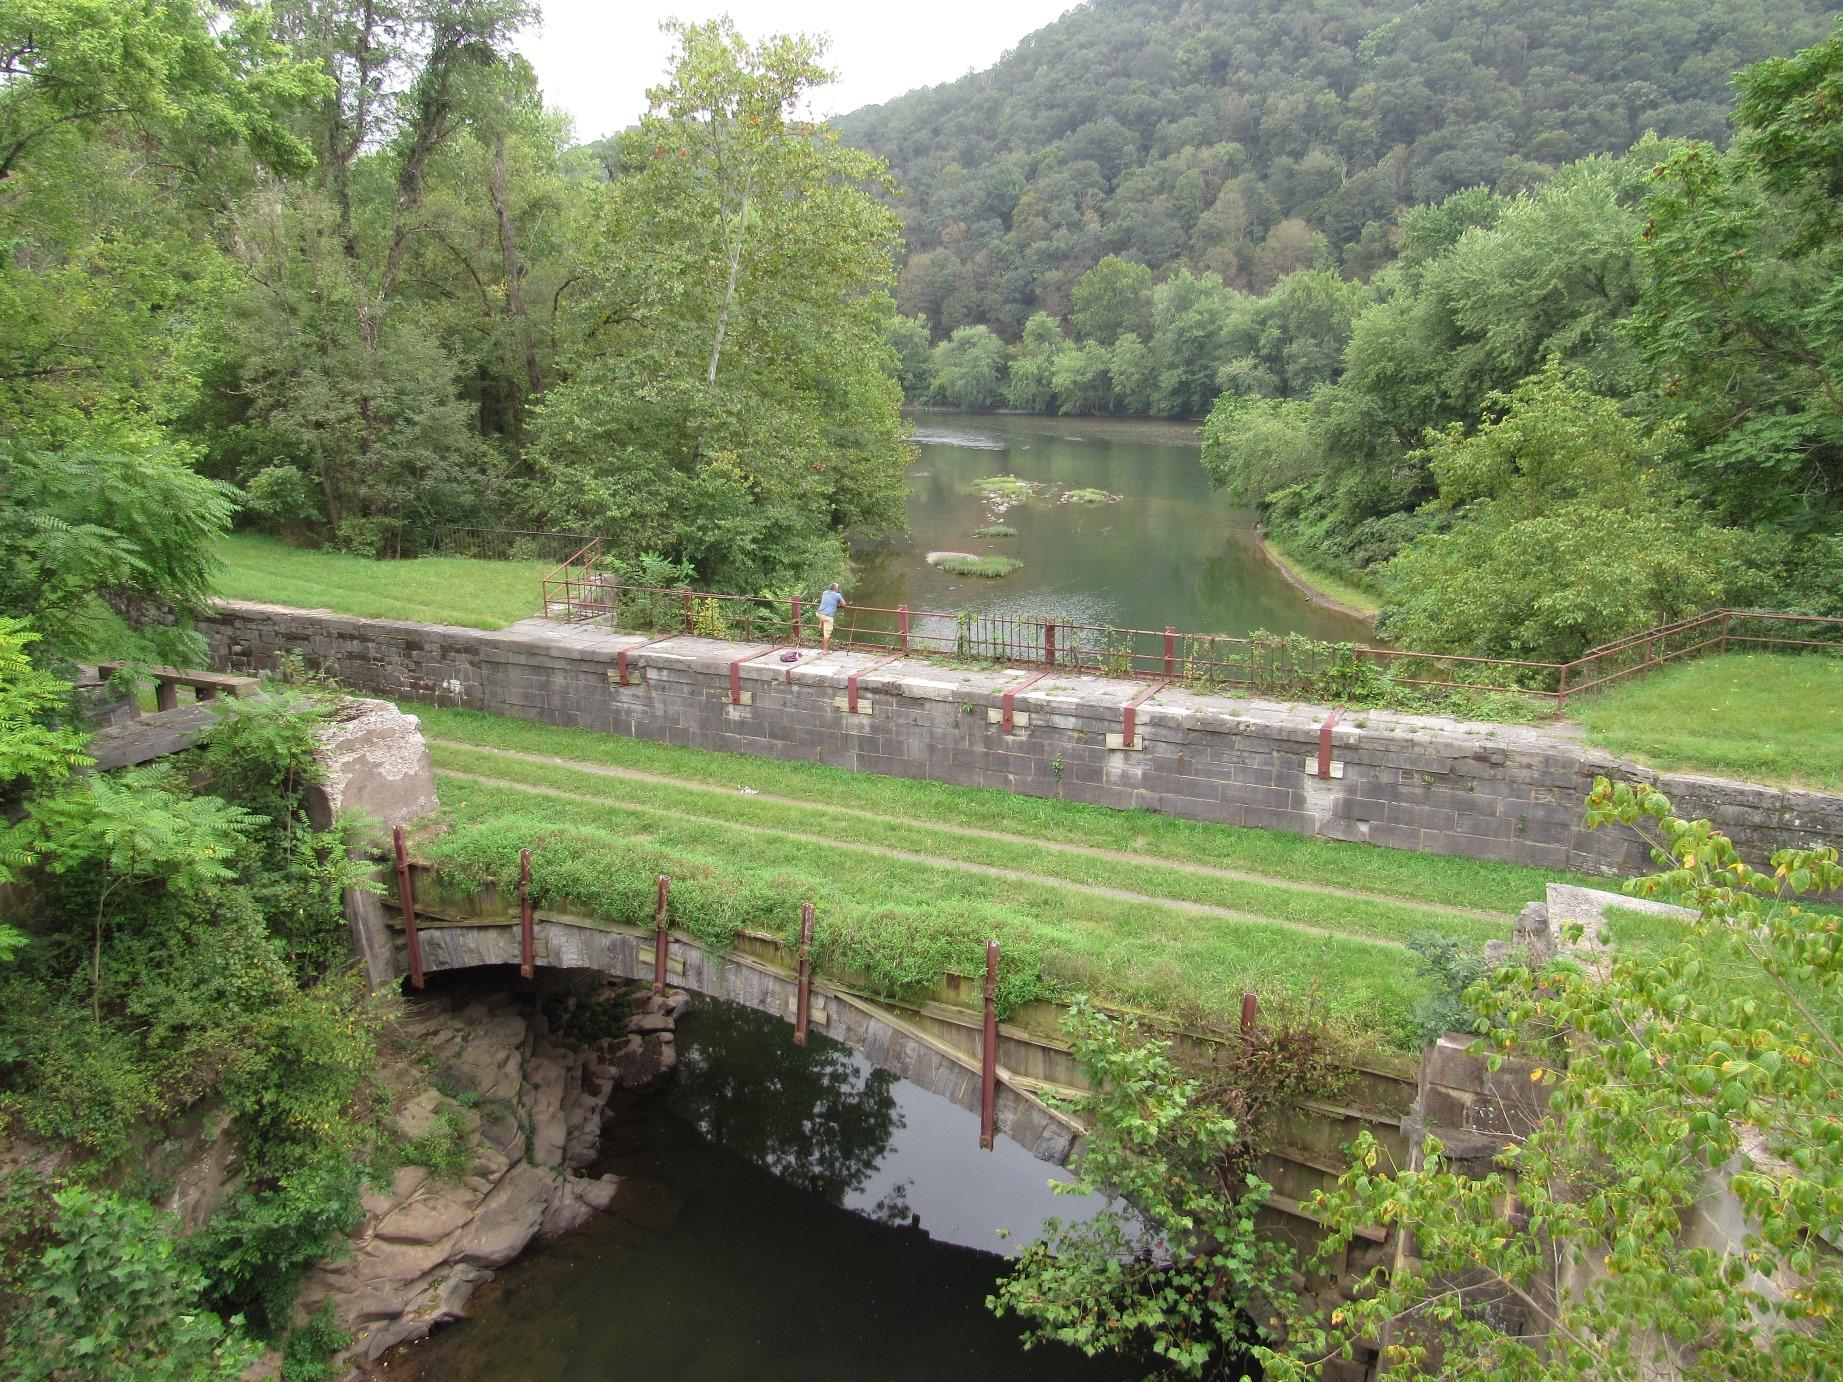 Sideling Hill Creek Aqueduct